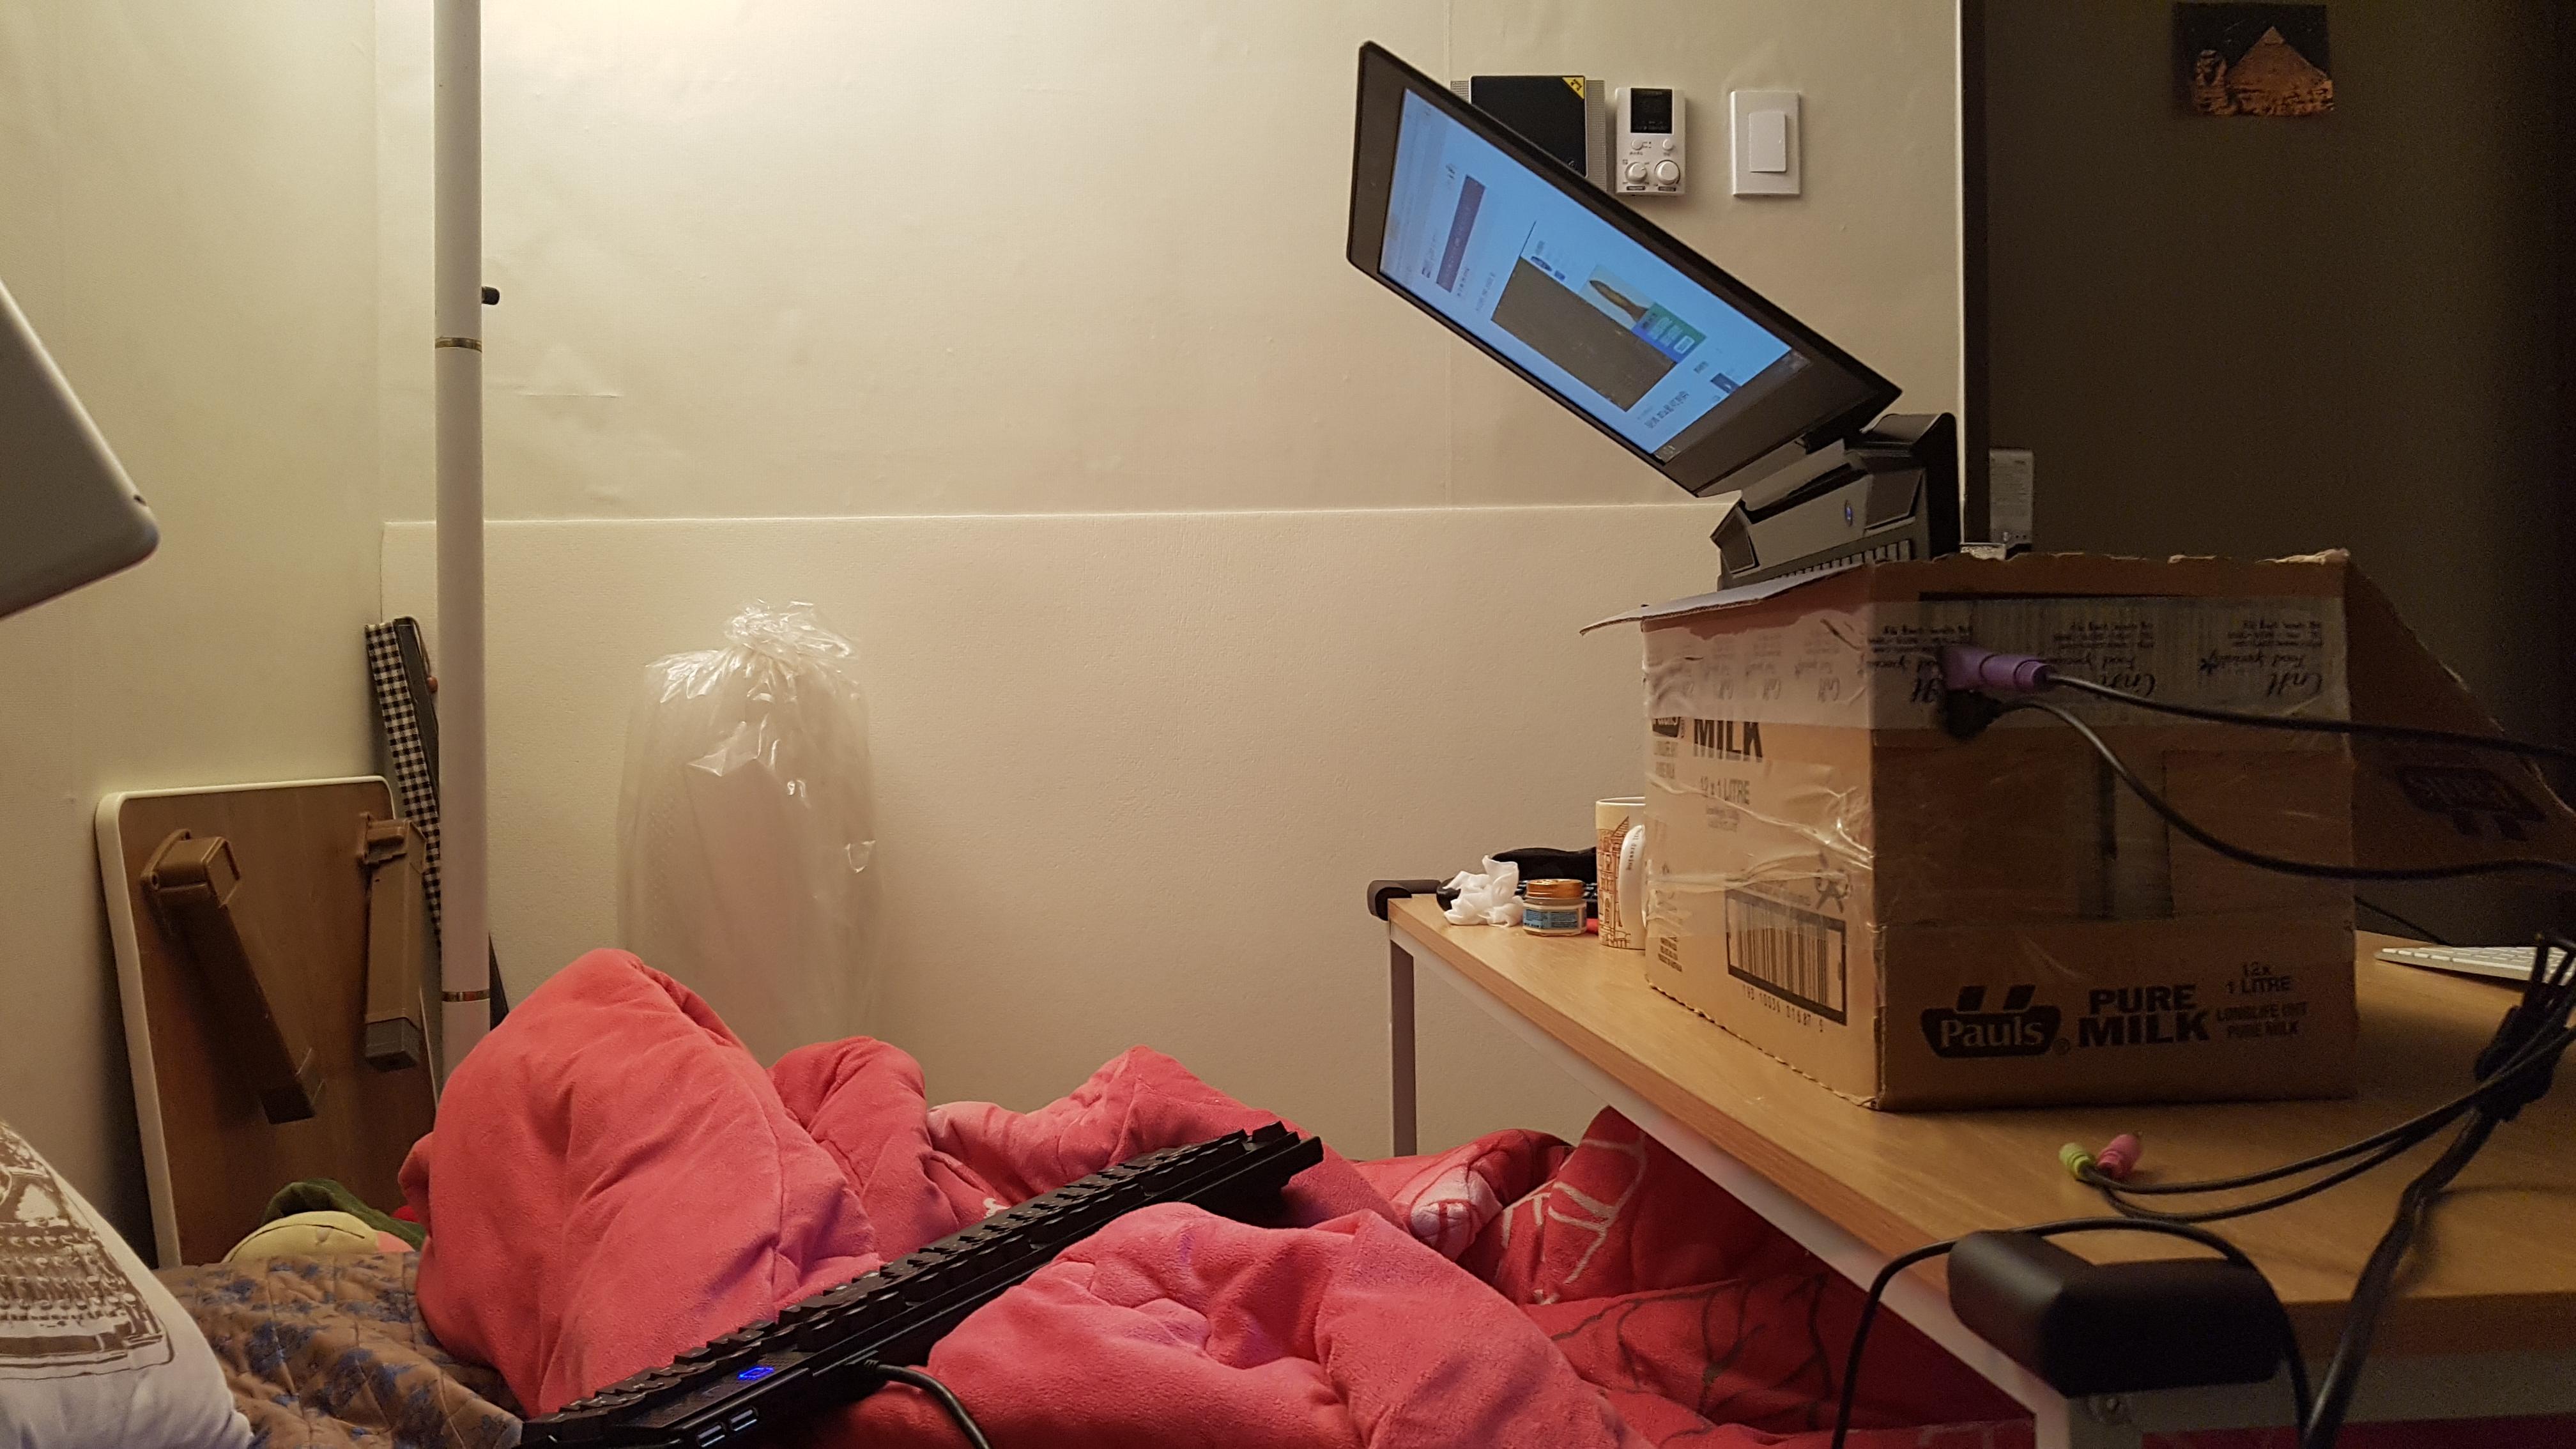 USB 포트, 강철 거치대, 난방, 노트북 거치대, 노트북 거치대 제작, 누워서 하는 노트북 거치대, 누워서 하는 노트북 거치대 제작!!, 박스, 수족냉증, 아크릴, 욕창, 우유박스, 원룸 공개, 정자세, 책, 최하급, 퀄리티, 키보드 마우스